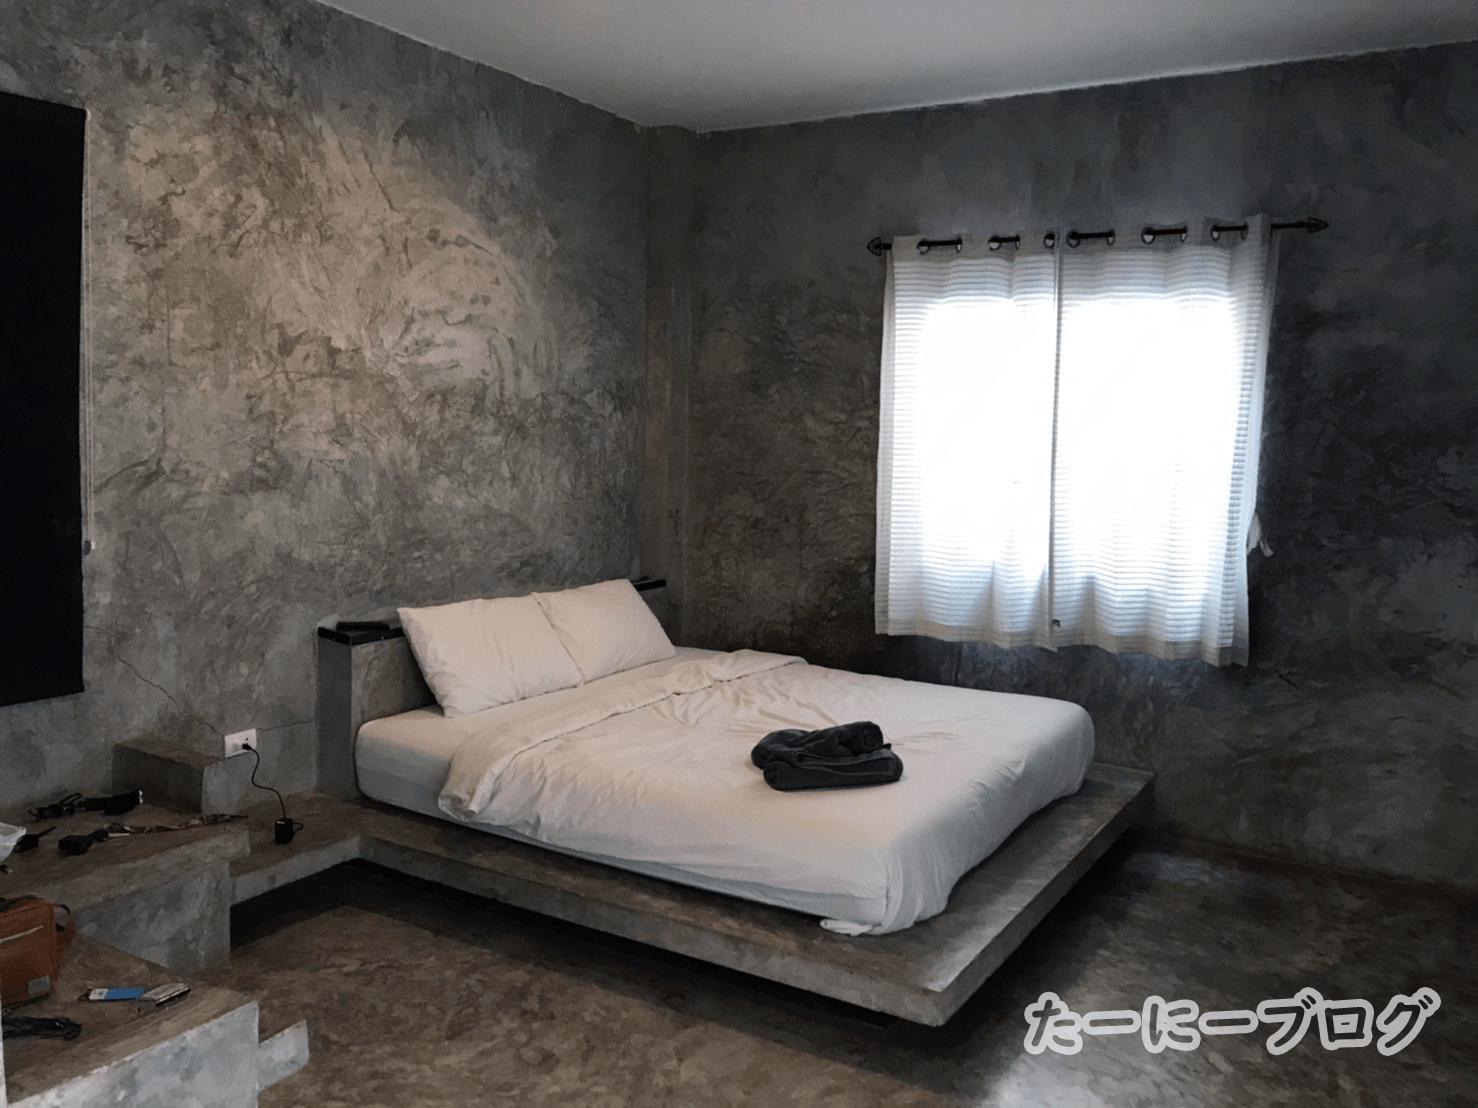 ラン島ホテル部屋1